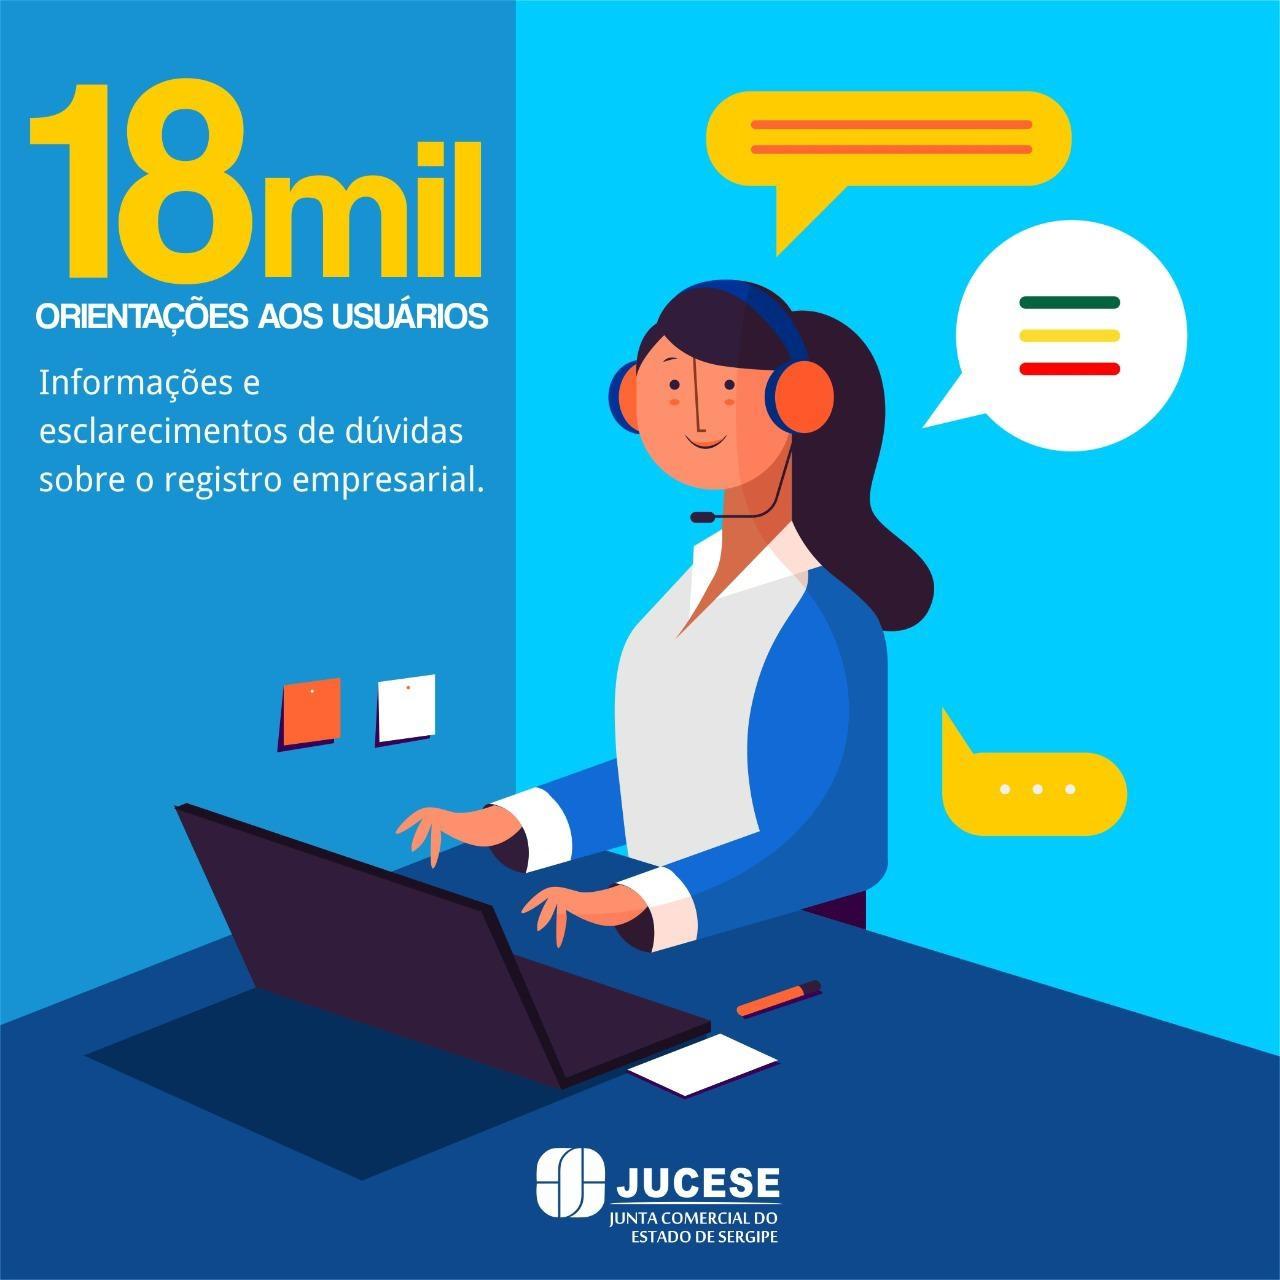 Jucese orienta mais de 18 mil usuários sobre o registro empresarial